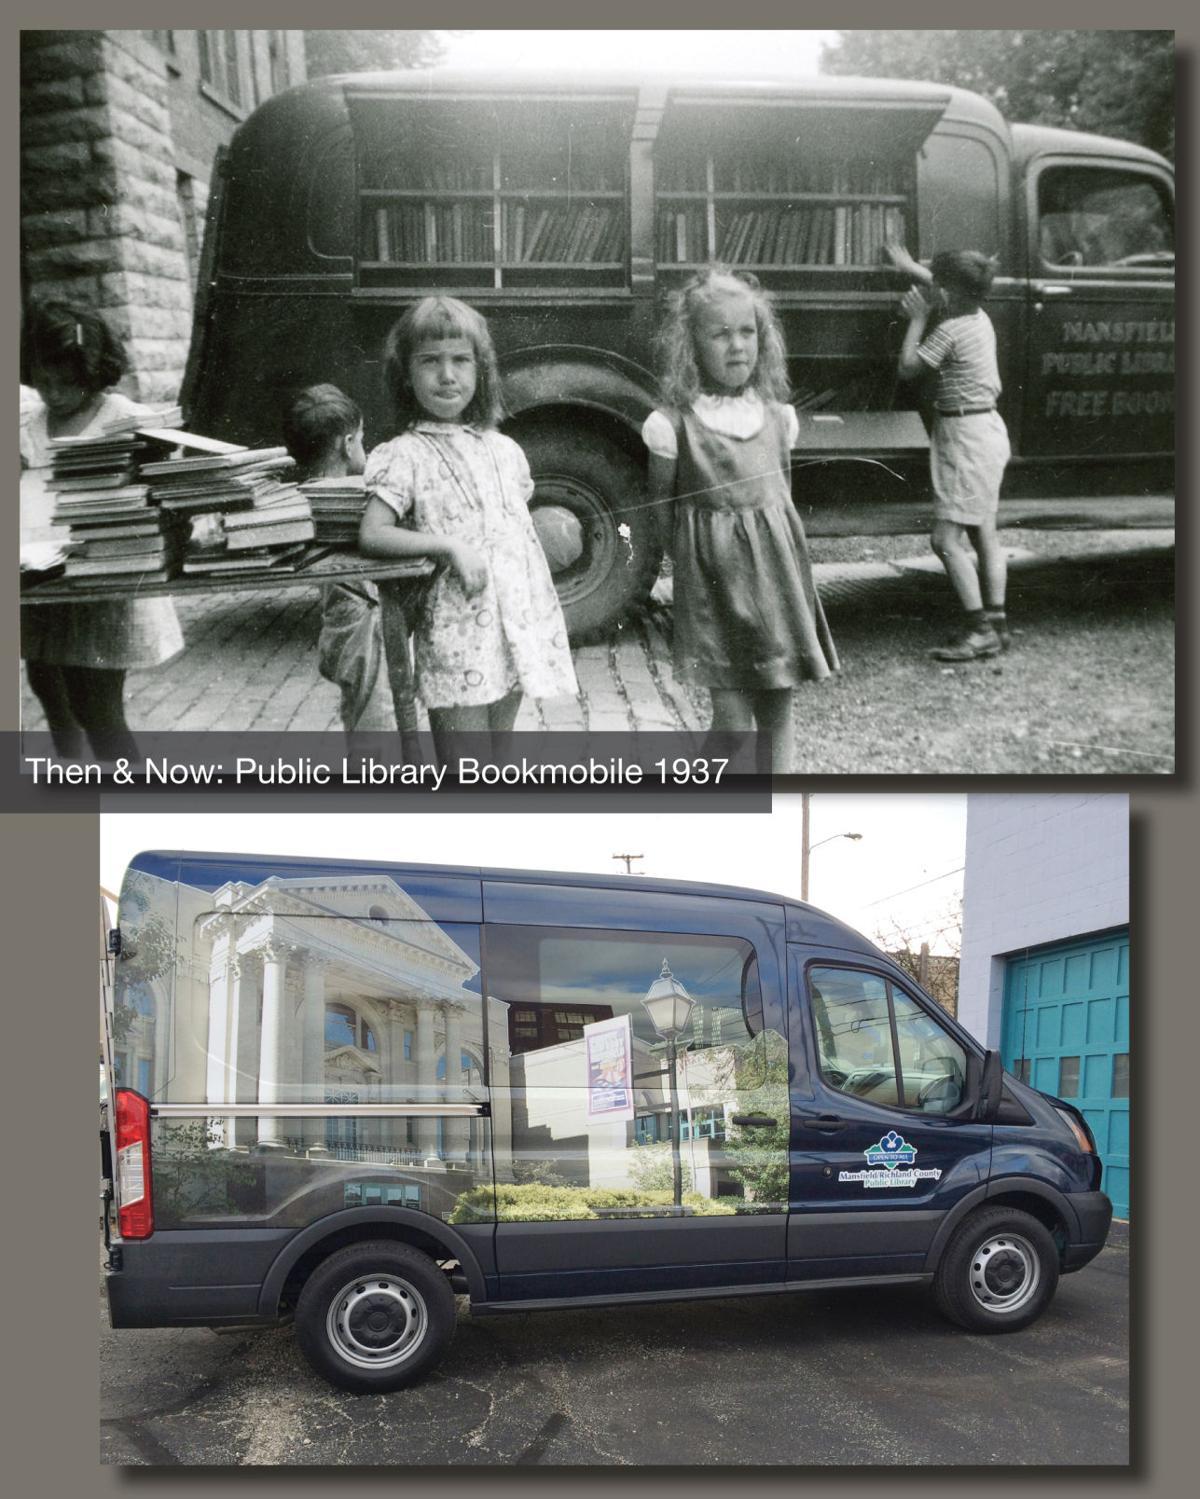 The Bookmobile 1930s